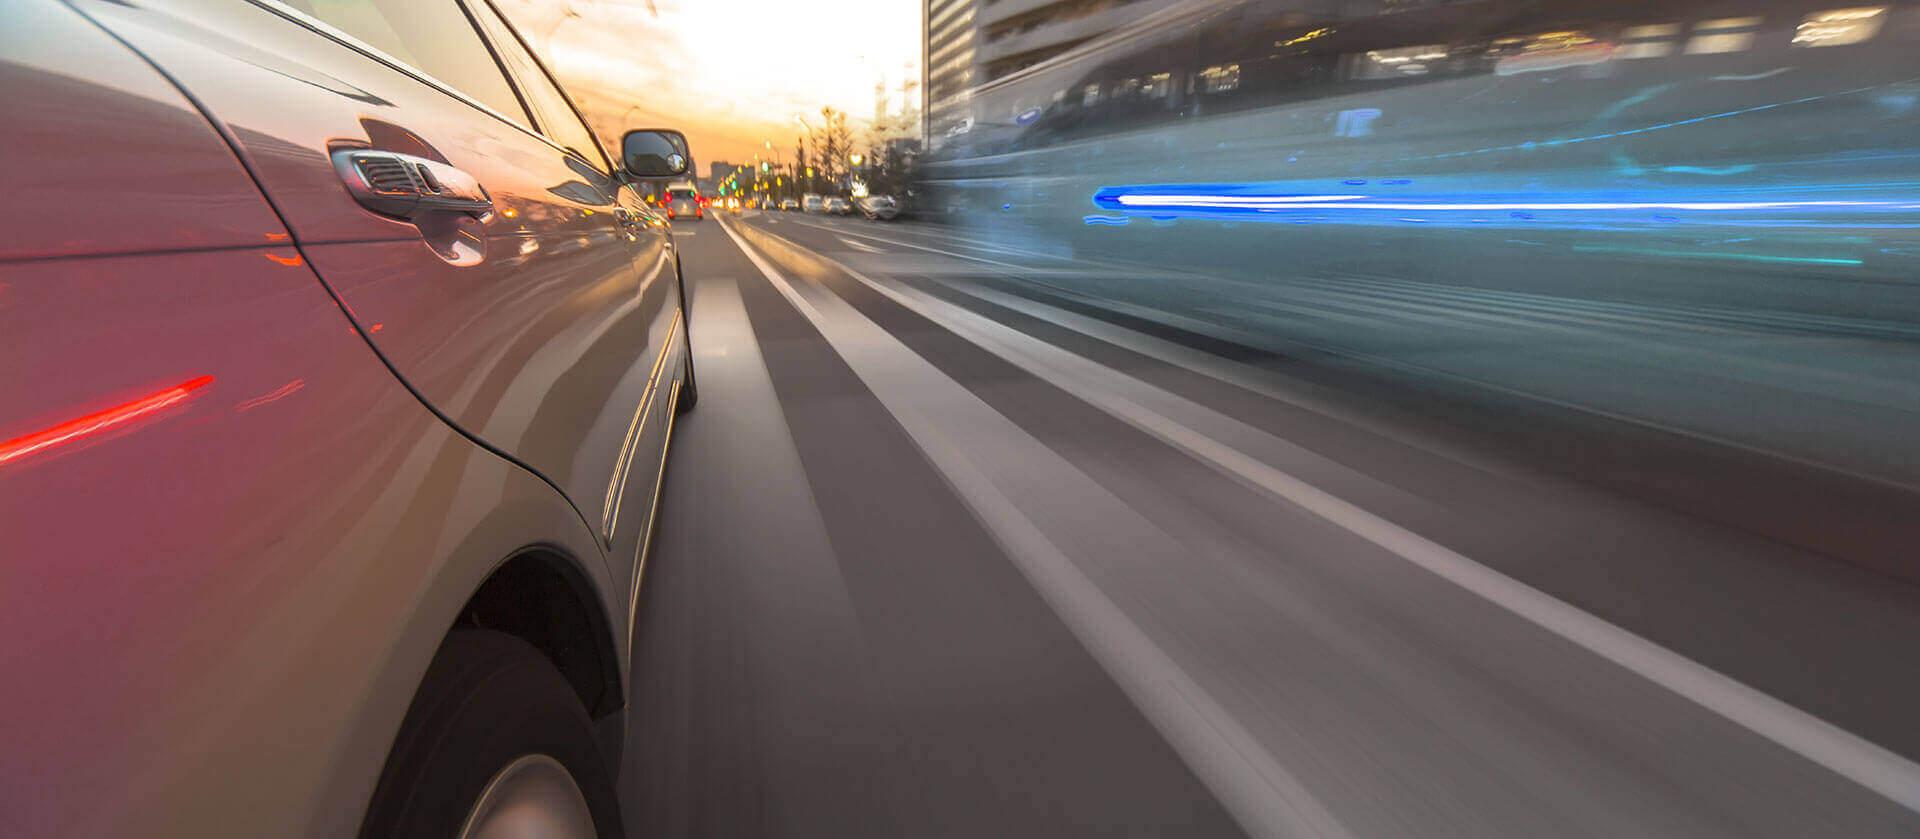 Vodík zlepší akceleraci auta